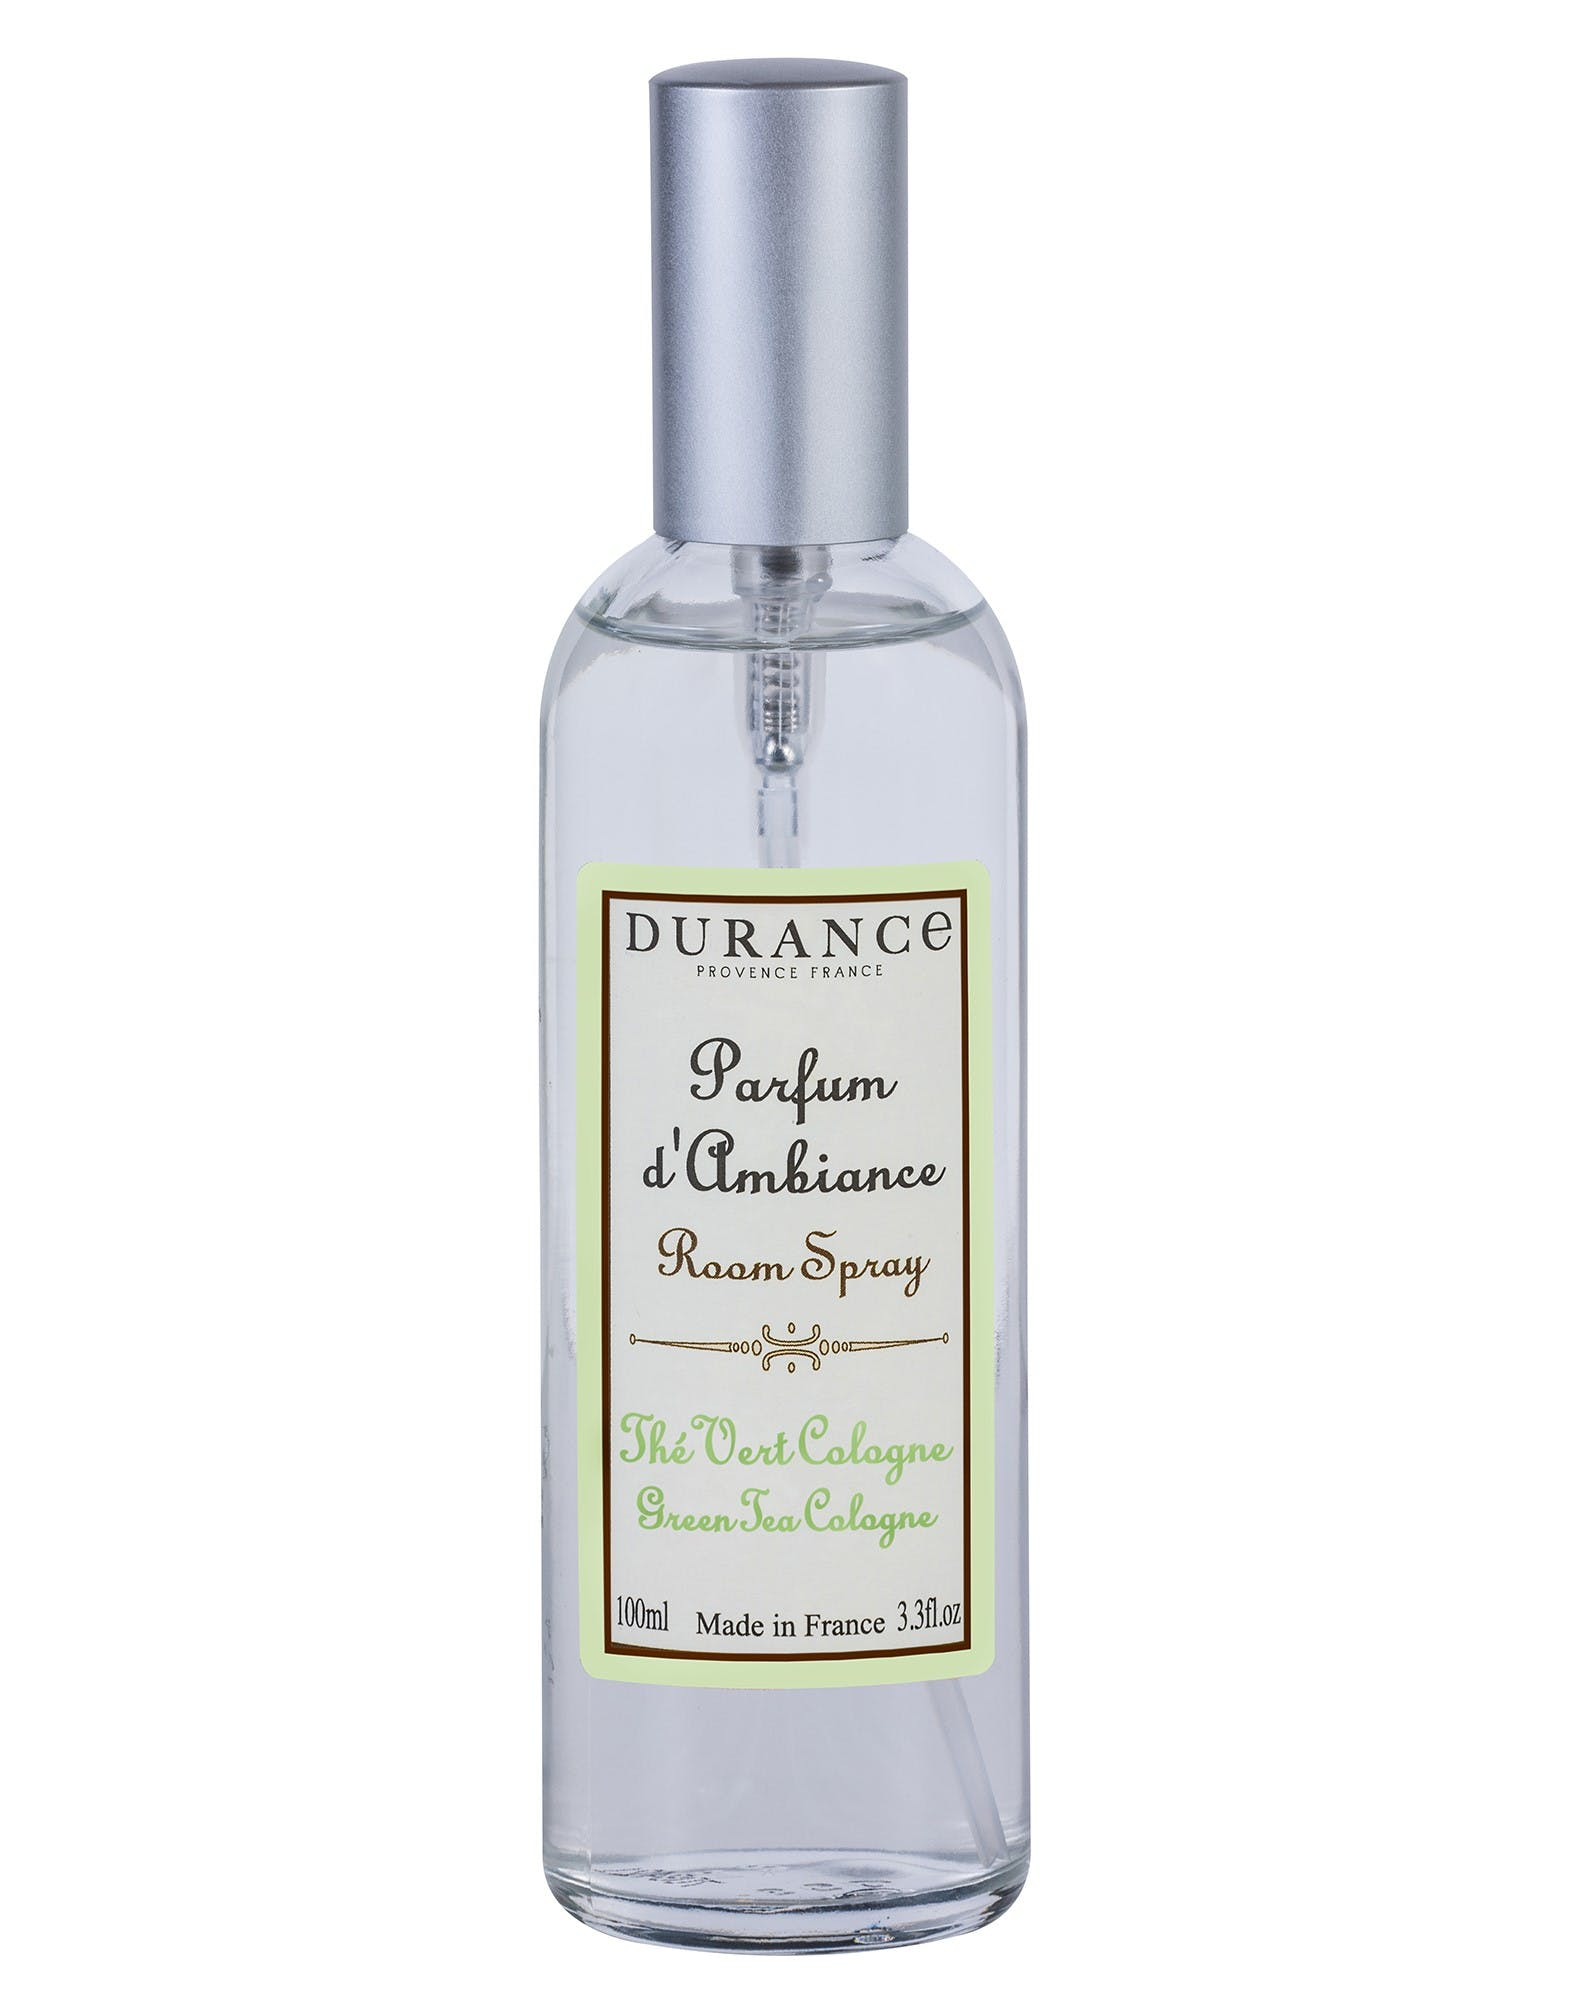 Parfum d'ambiance Thé vert Cologne 100mL DURANCE